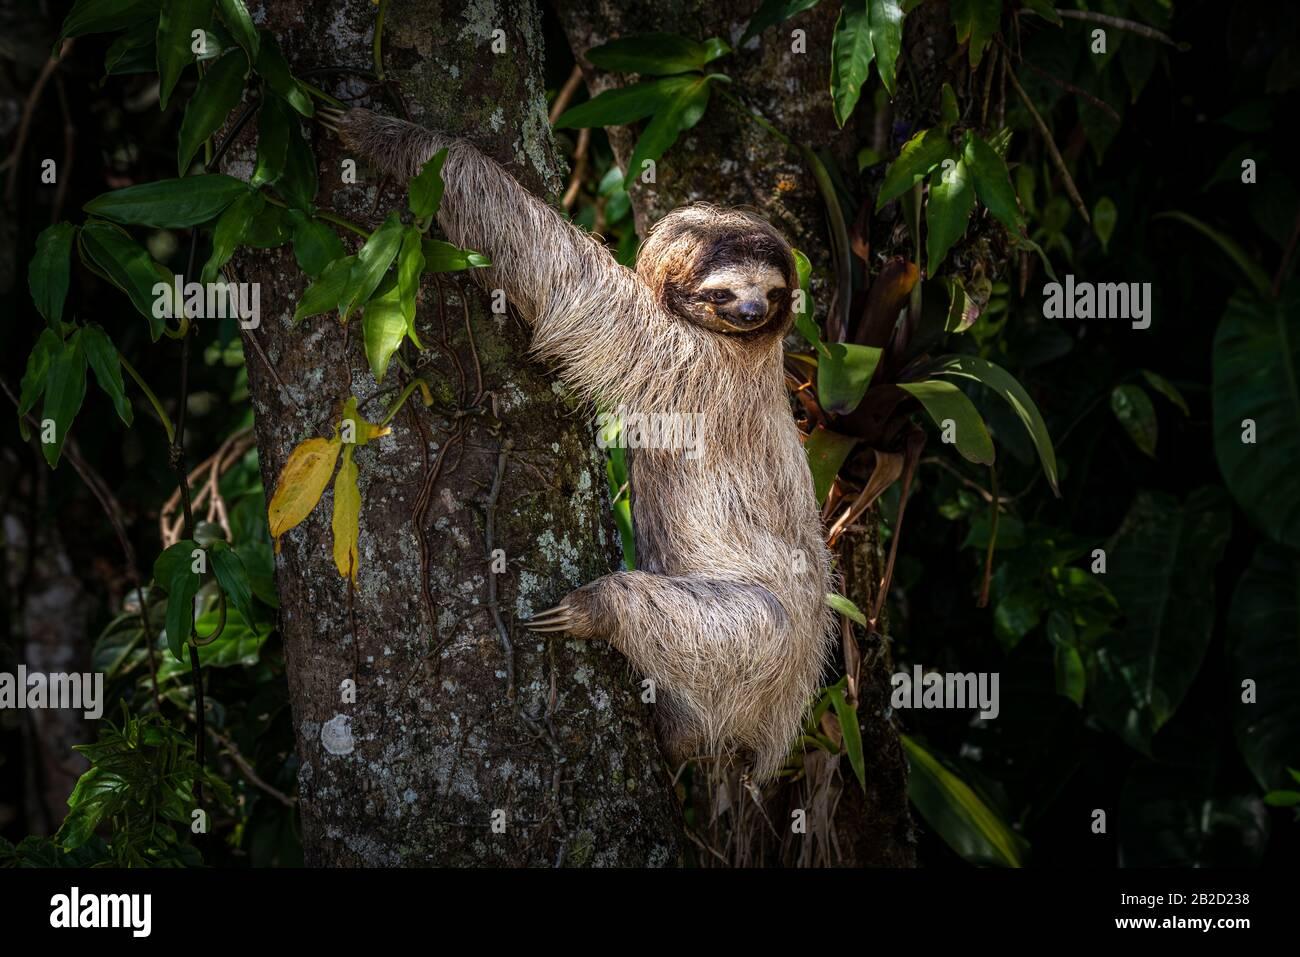 Perezoso de tres dedos de garganta marrón, joven, subiendo un árbol Foto de stock